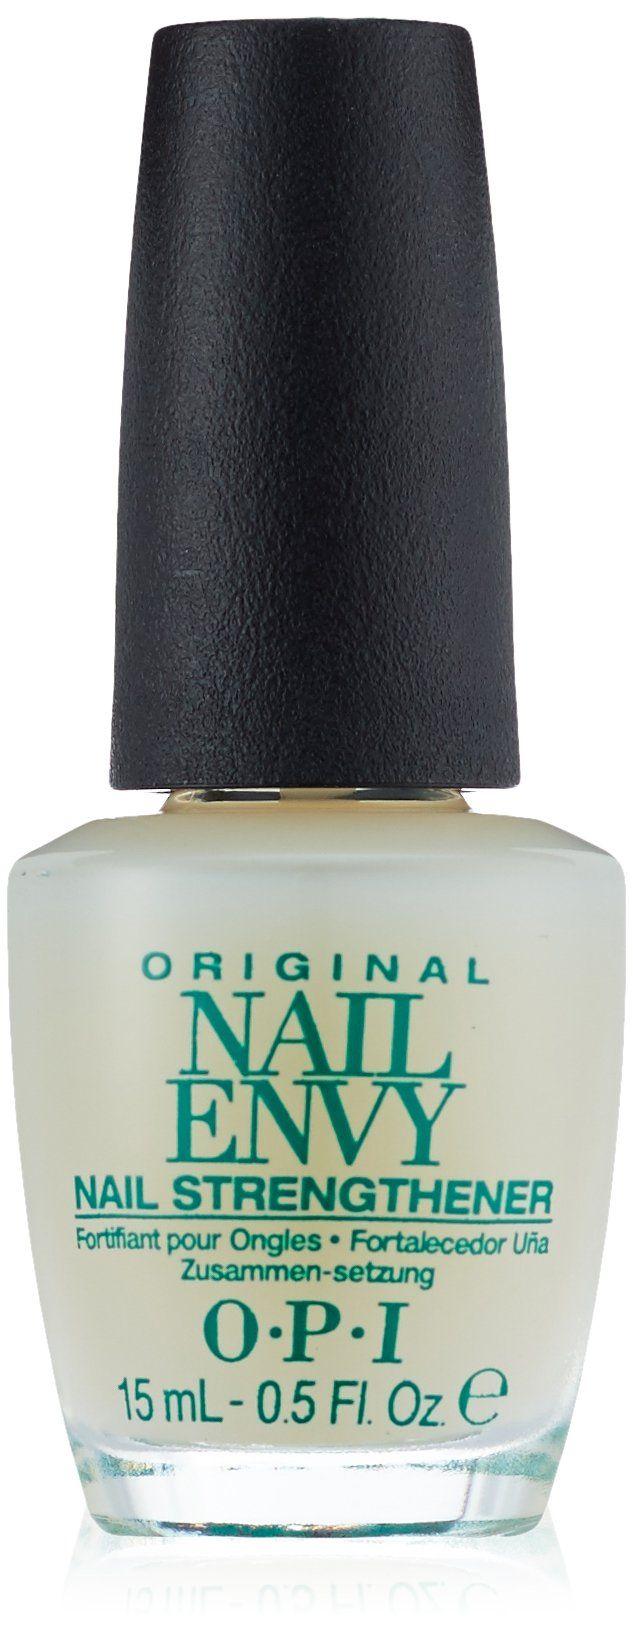 Mejores 187 imágenes de Nails en Pinterest | Maquillaje, Decoración ...